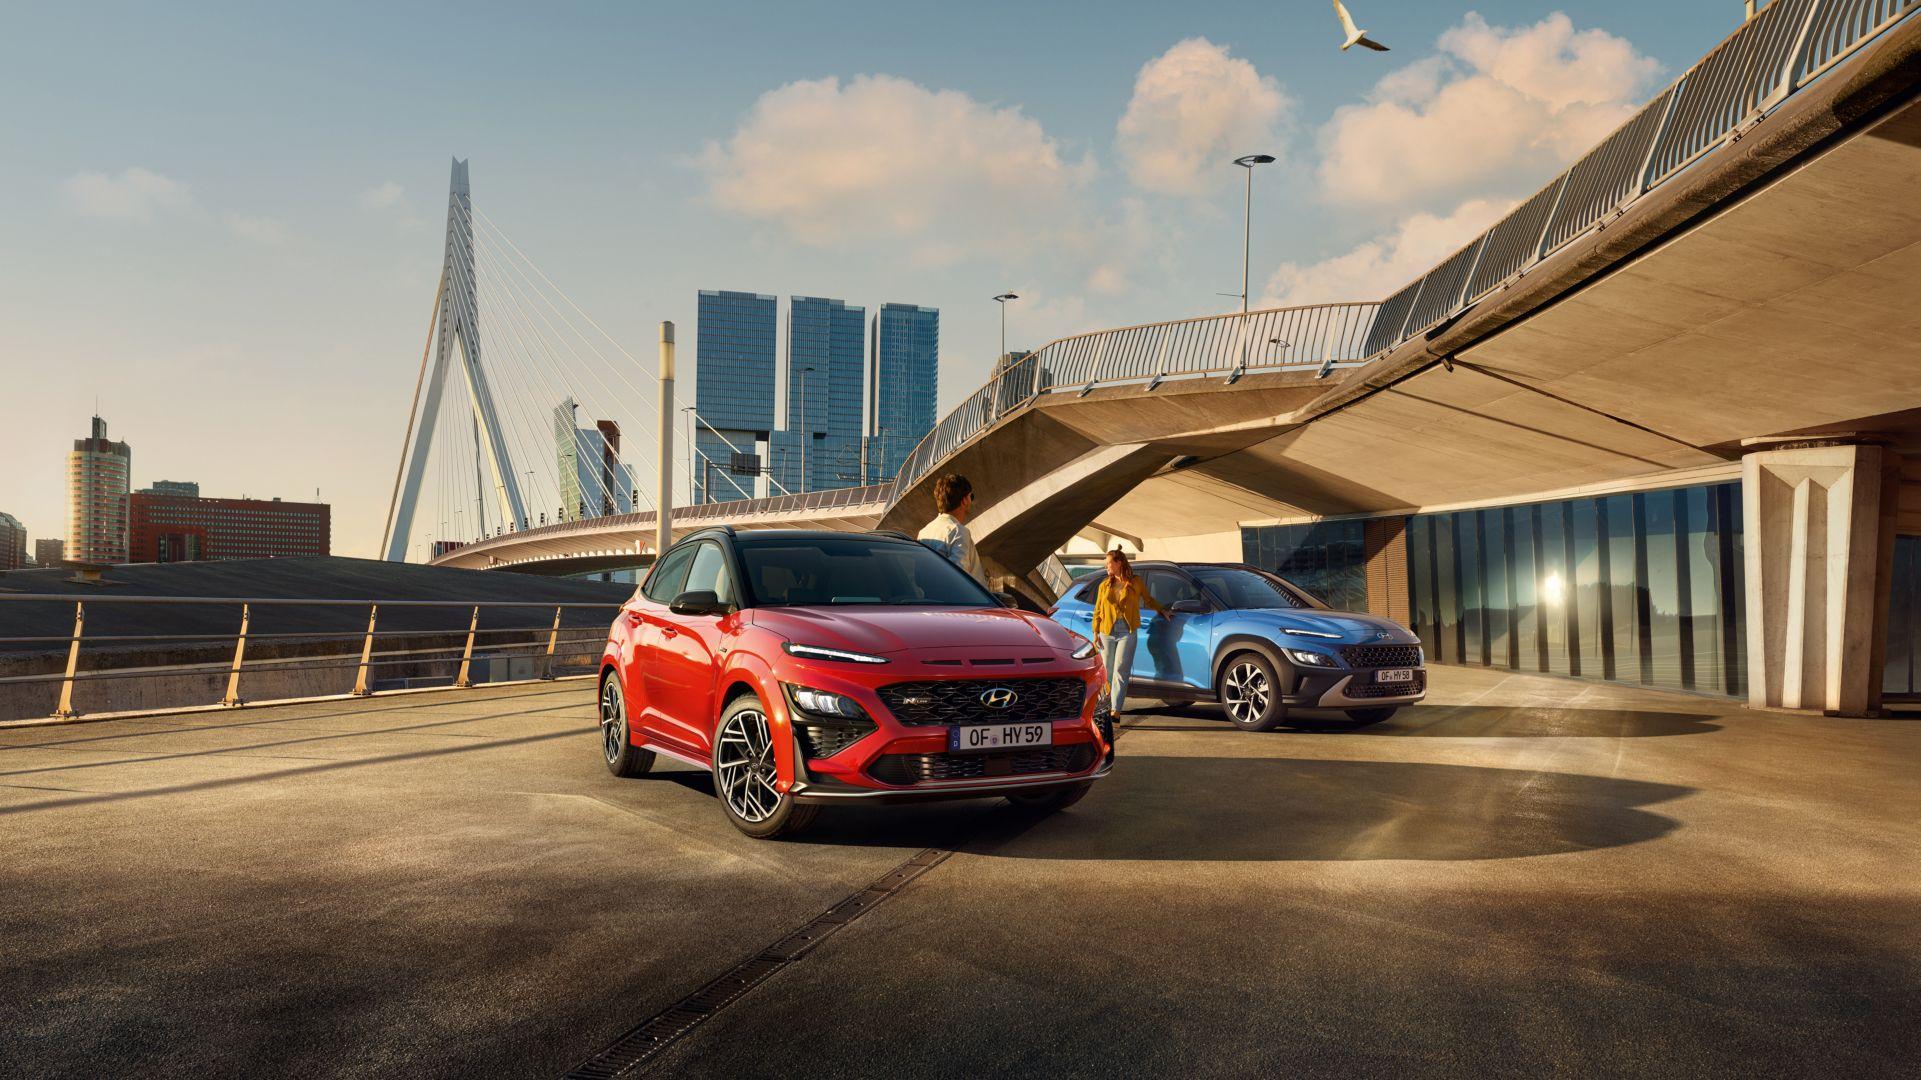 Hyundai Nuova Kona: Preventivo Gratuito e Personalizzato!